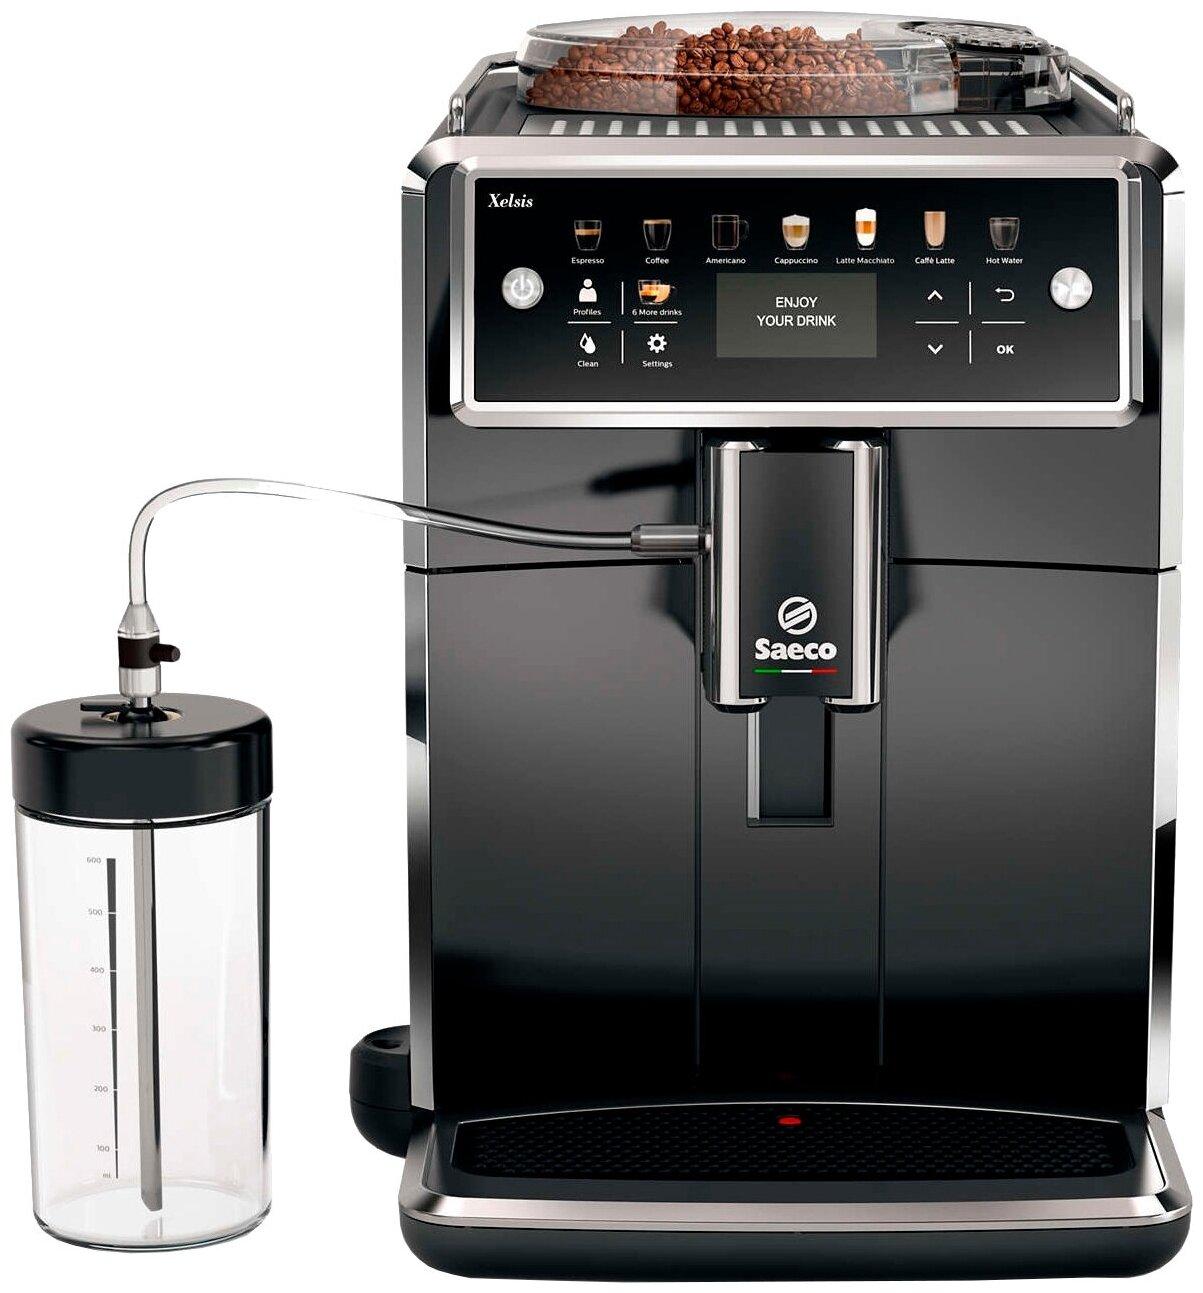 Saeco SM7580 Xelsis - приготовление капучино: автоматическое